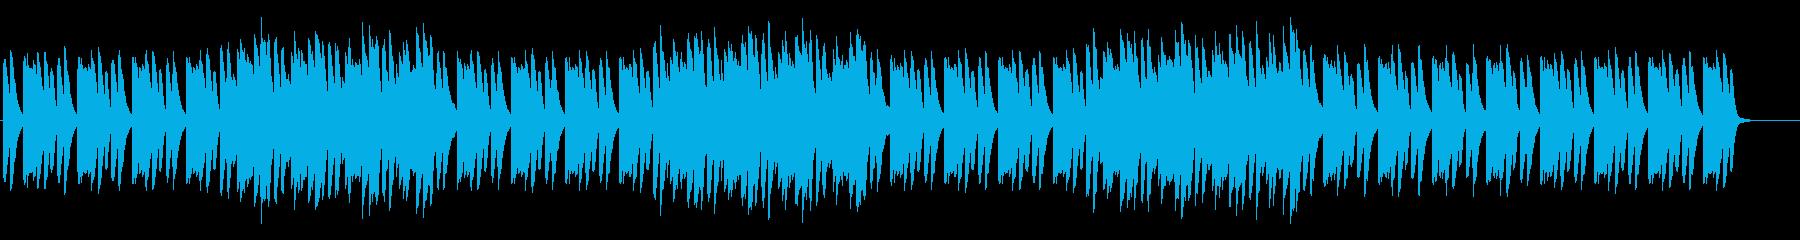 音数の少ないシンプルなミニマル系の再生済みの波形